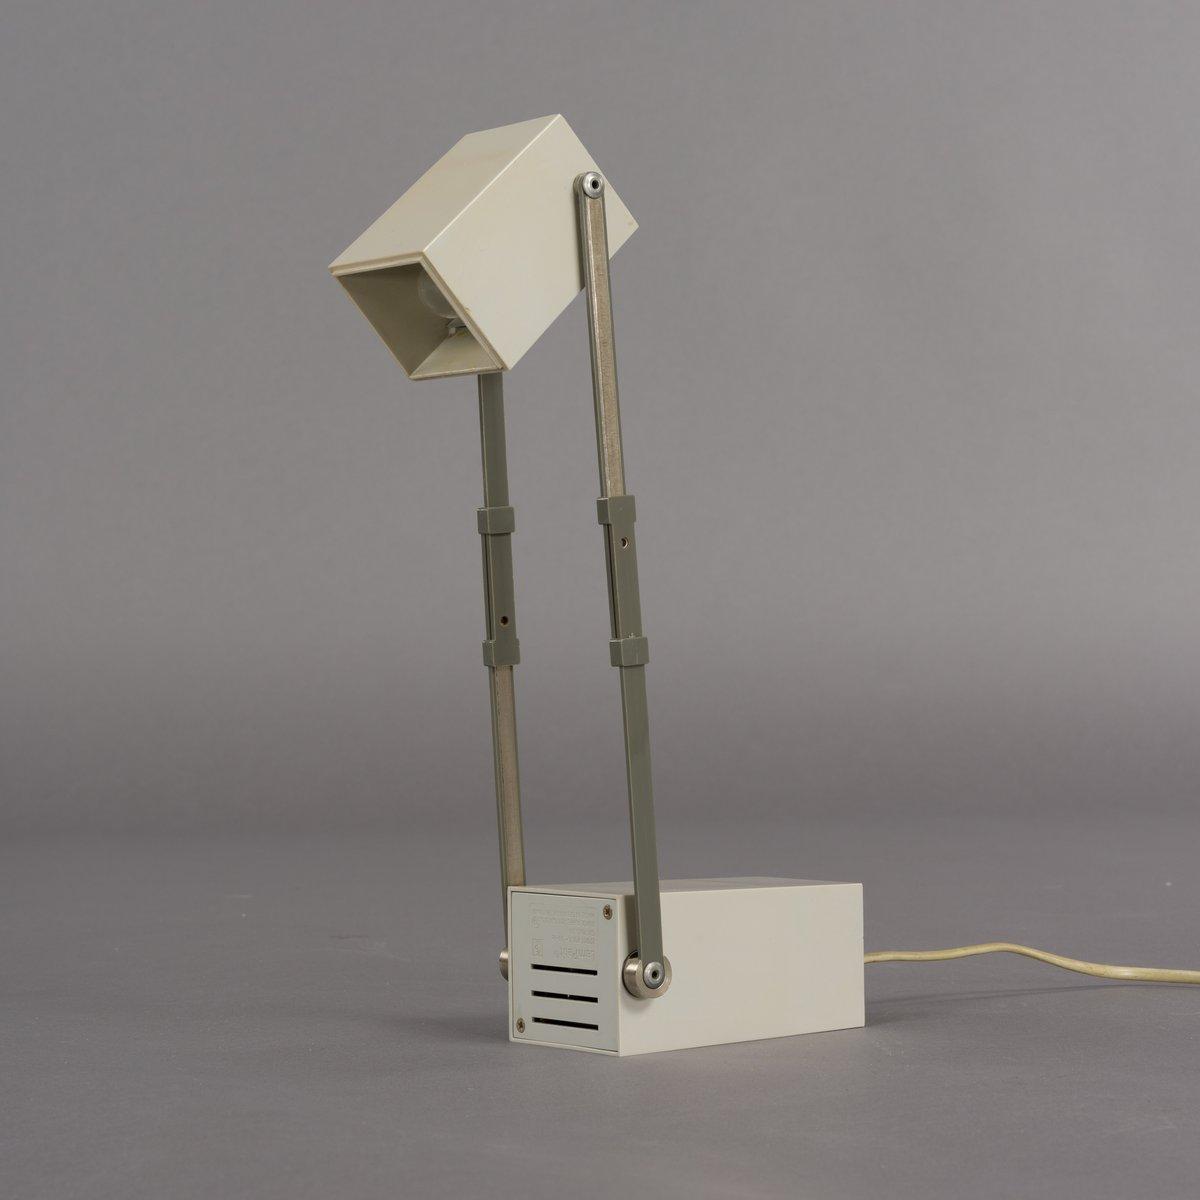 Graue dänische Lampetit Tischlampe von Verner Panton für Louis Poulsen...